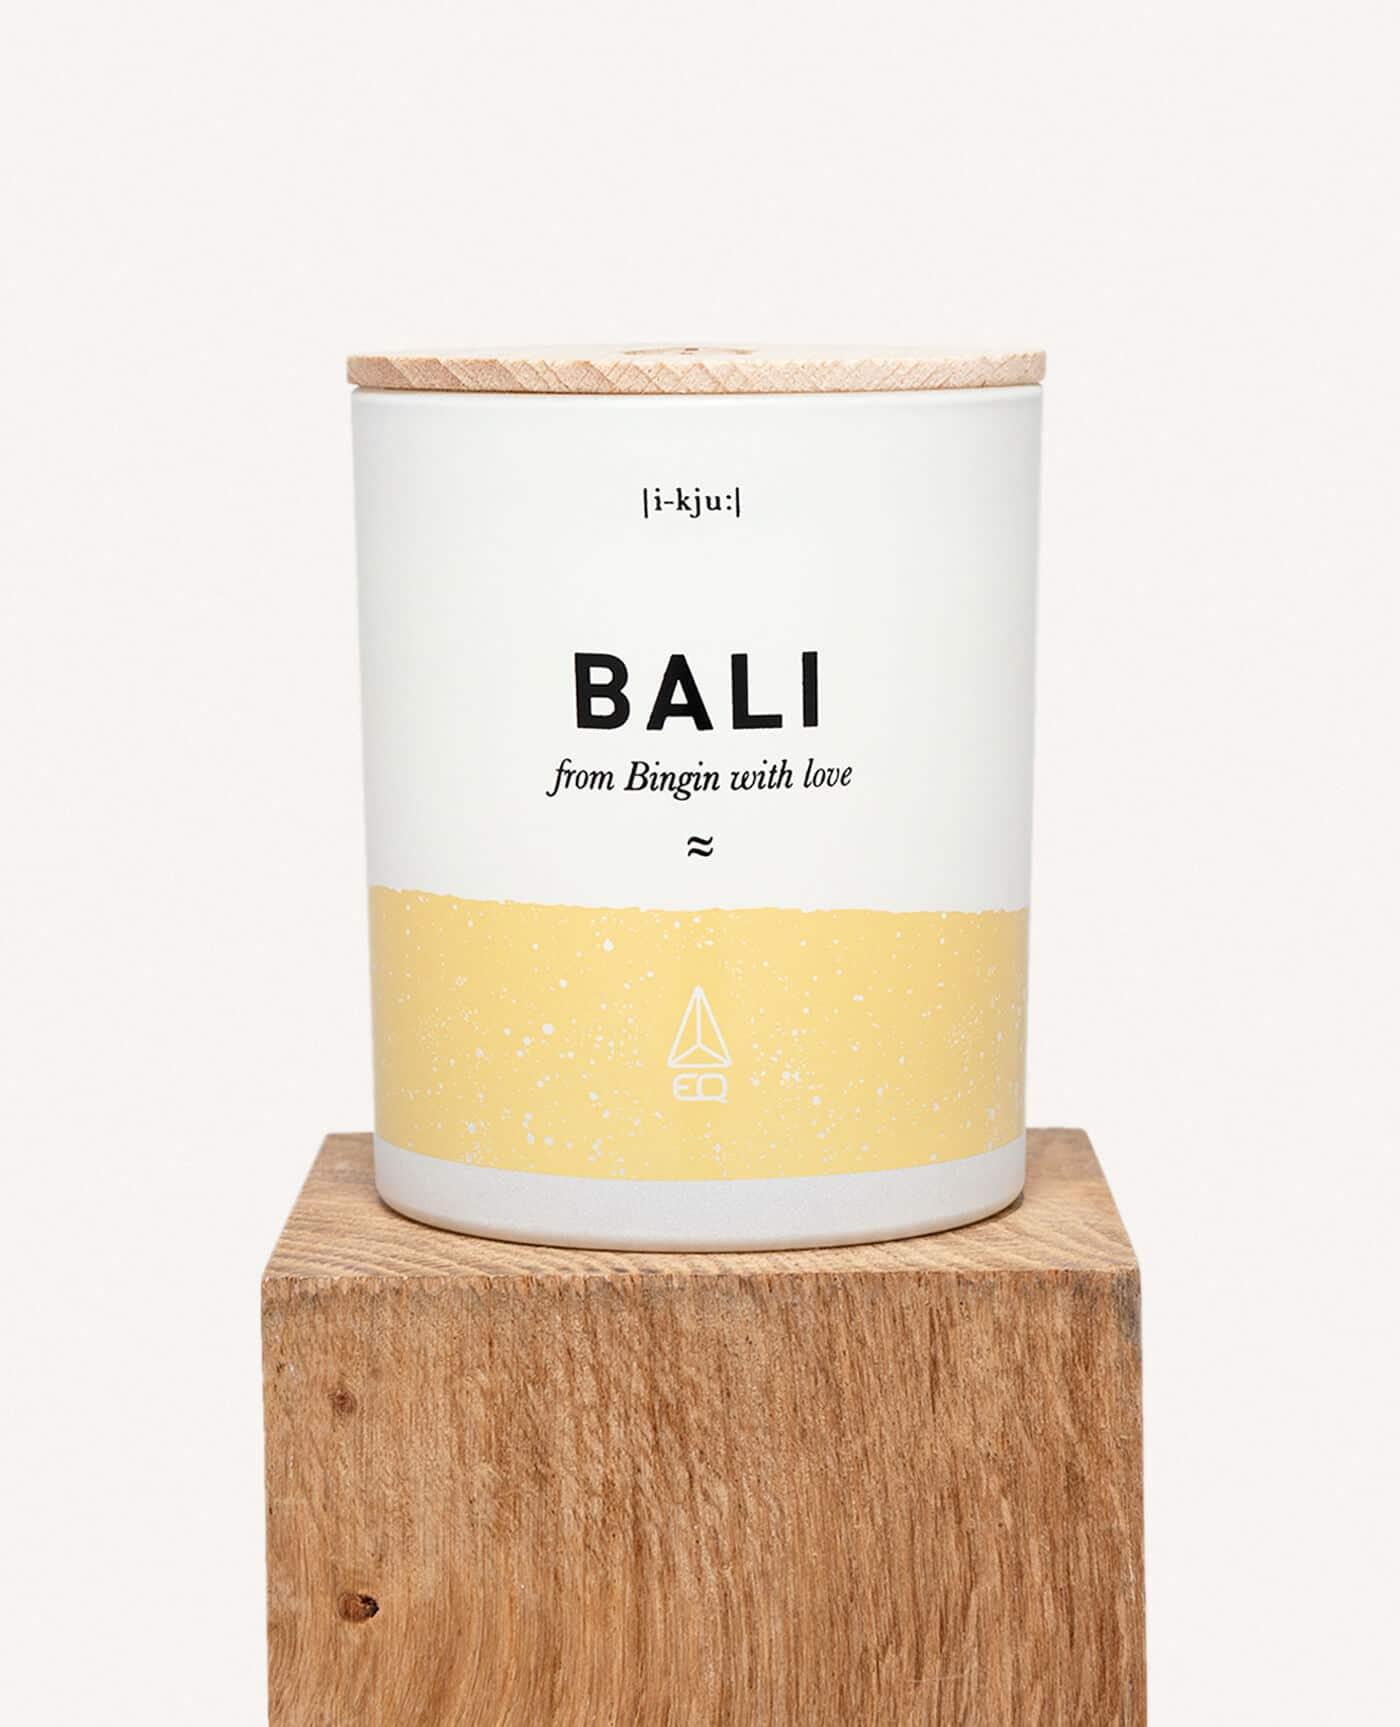 Bougie Bingin Bali naturelle parfumée Vanille et patchouli de la marque EQ Love